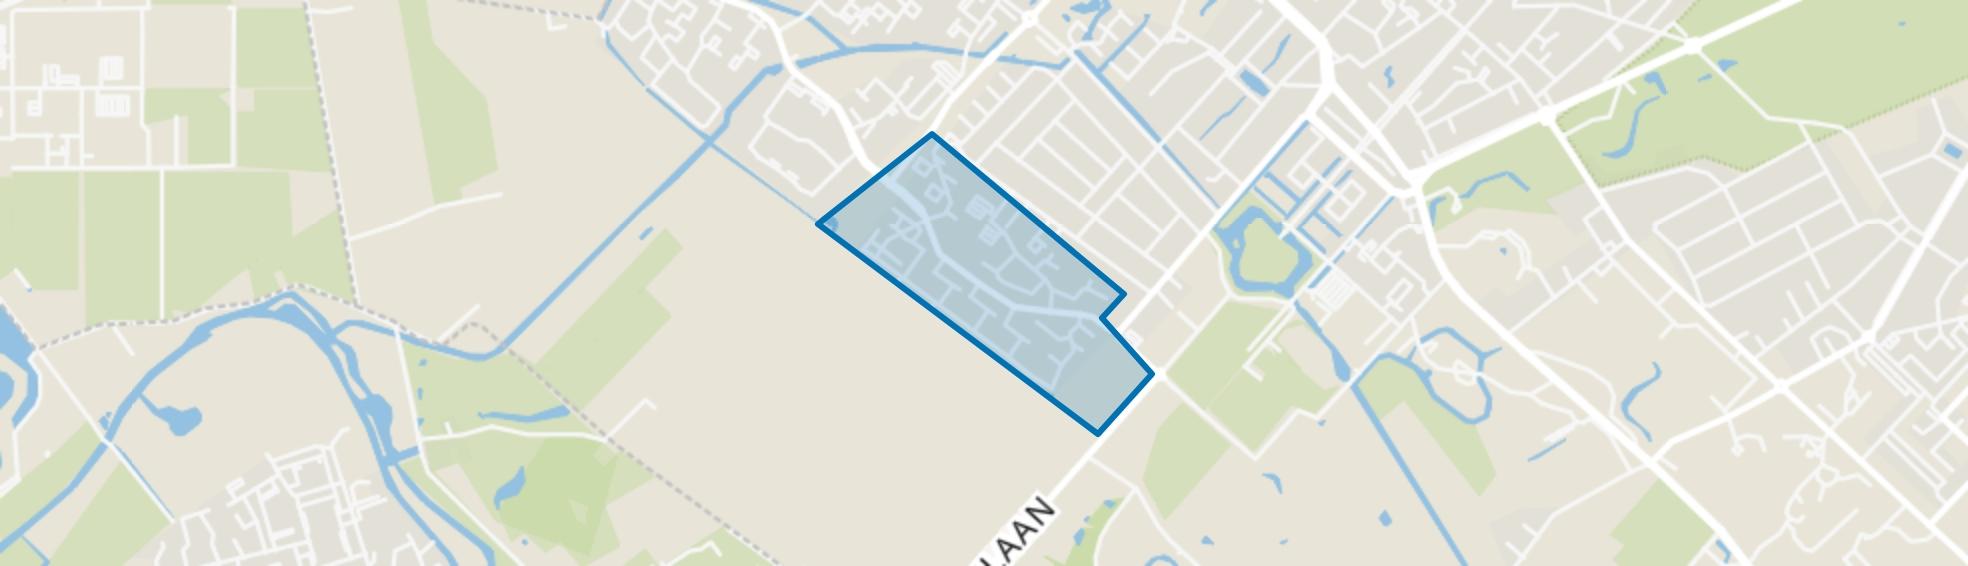 Couwenhoven, Zeist map